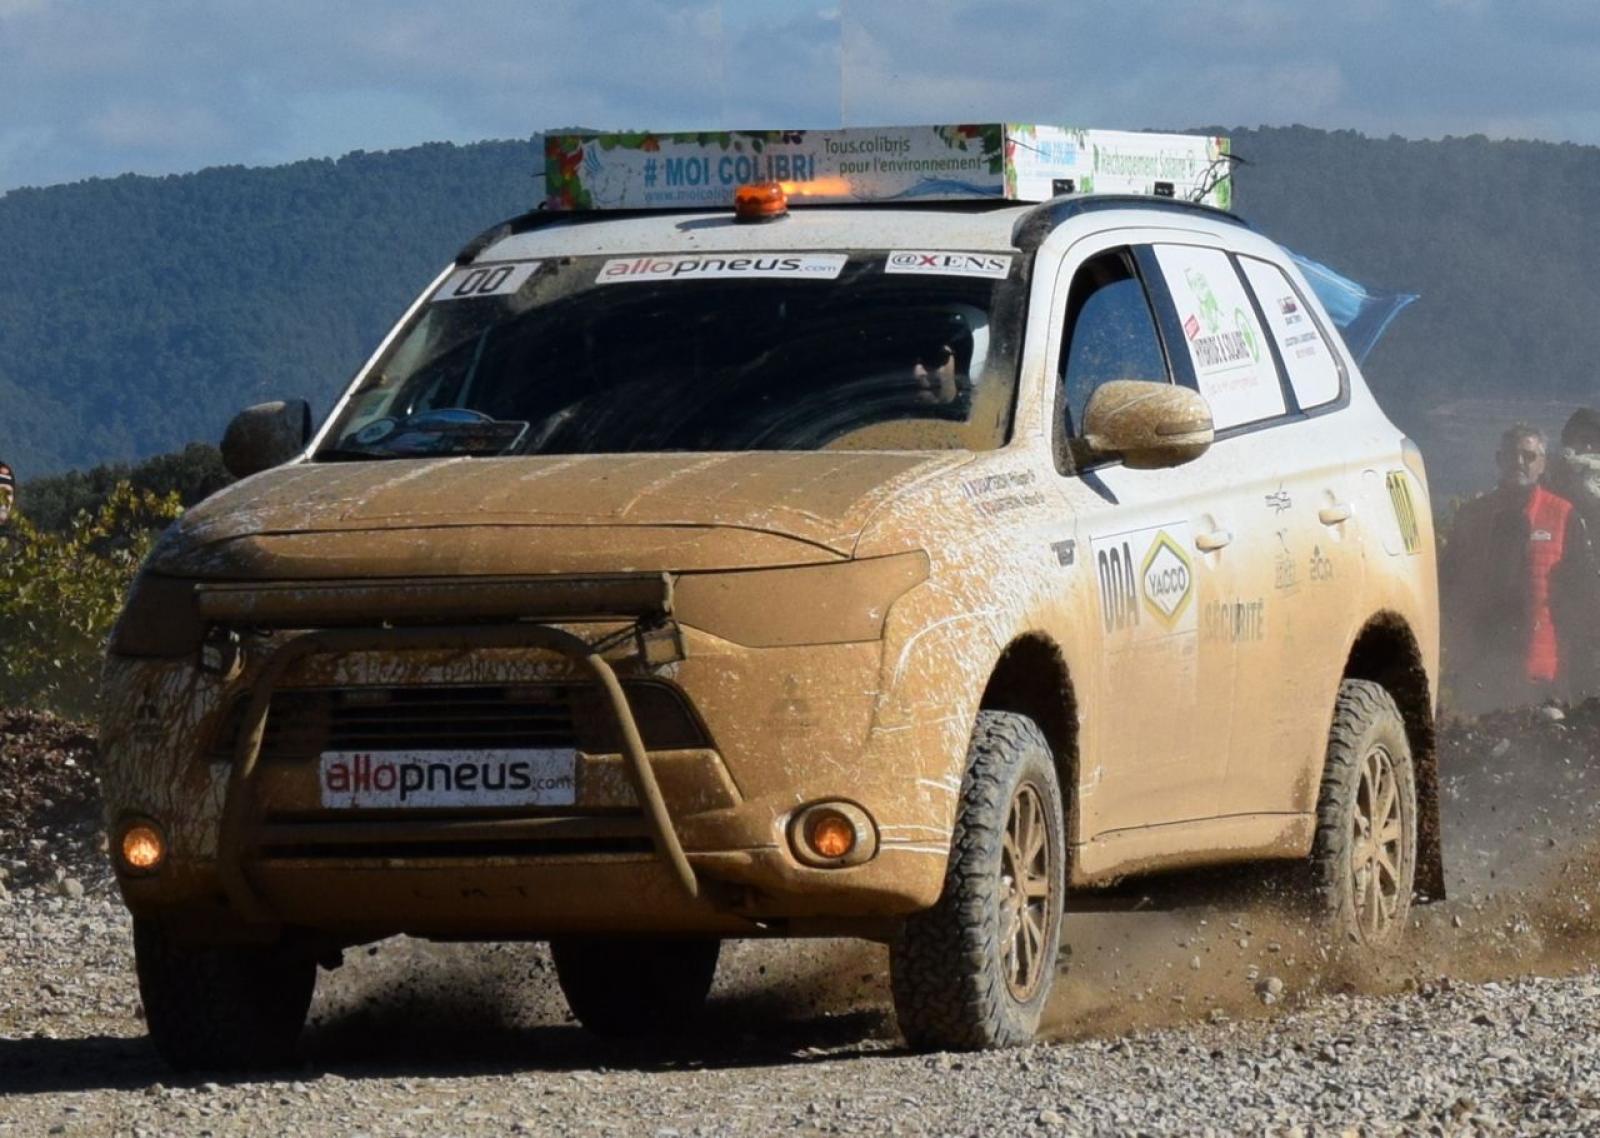 MITSUBISHI Outlander 4x4 PHEV Hybrid og sol til rallyorientering og ekspedition - 1